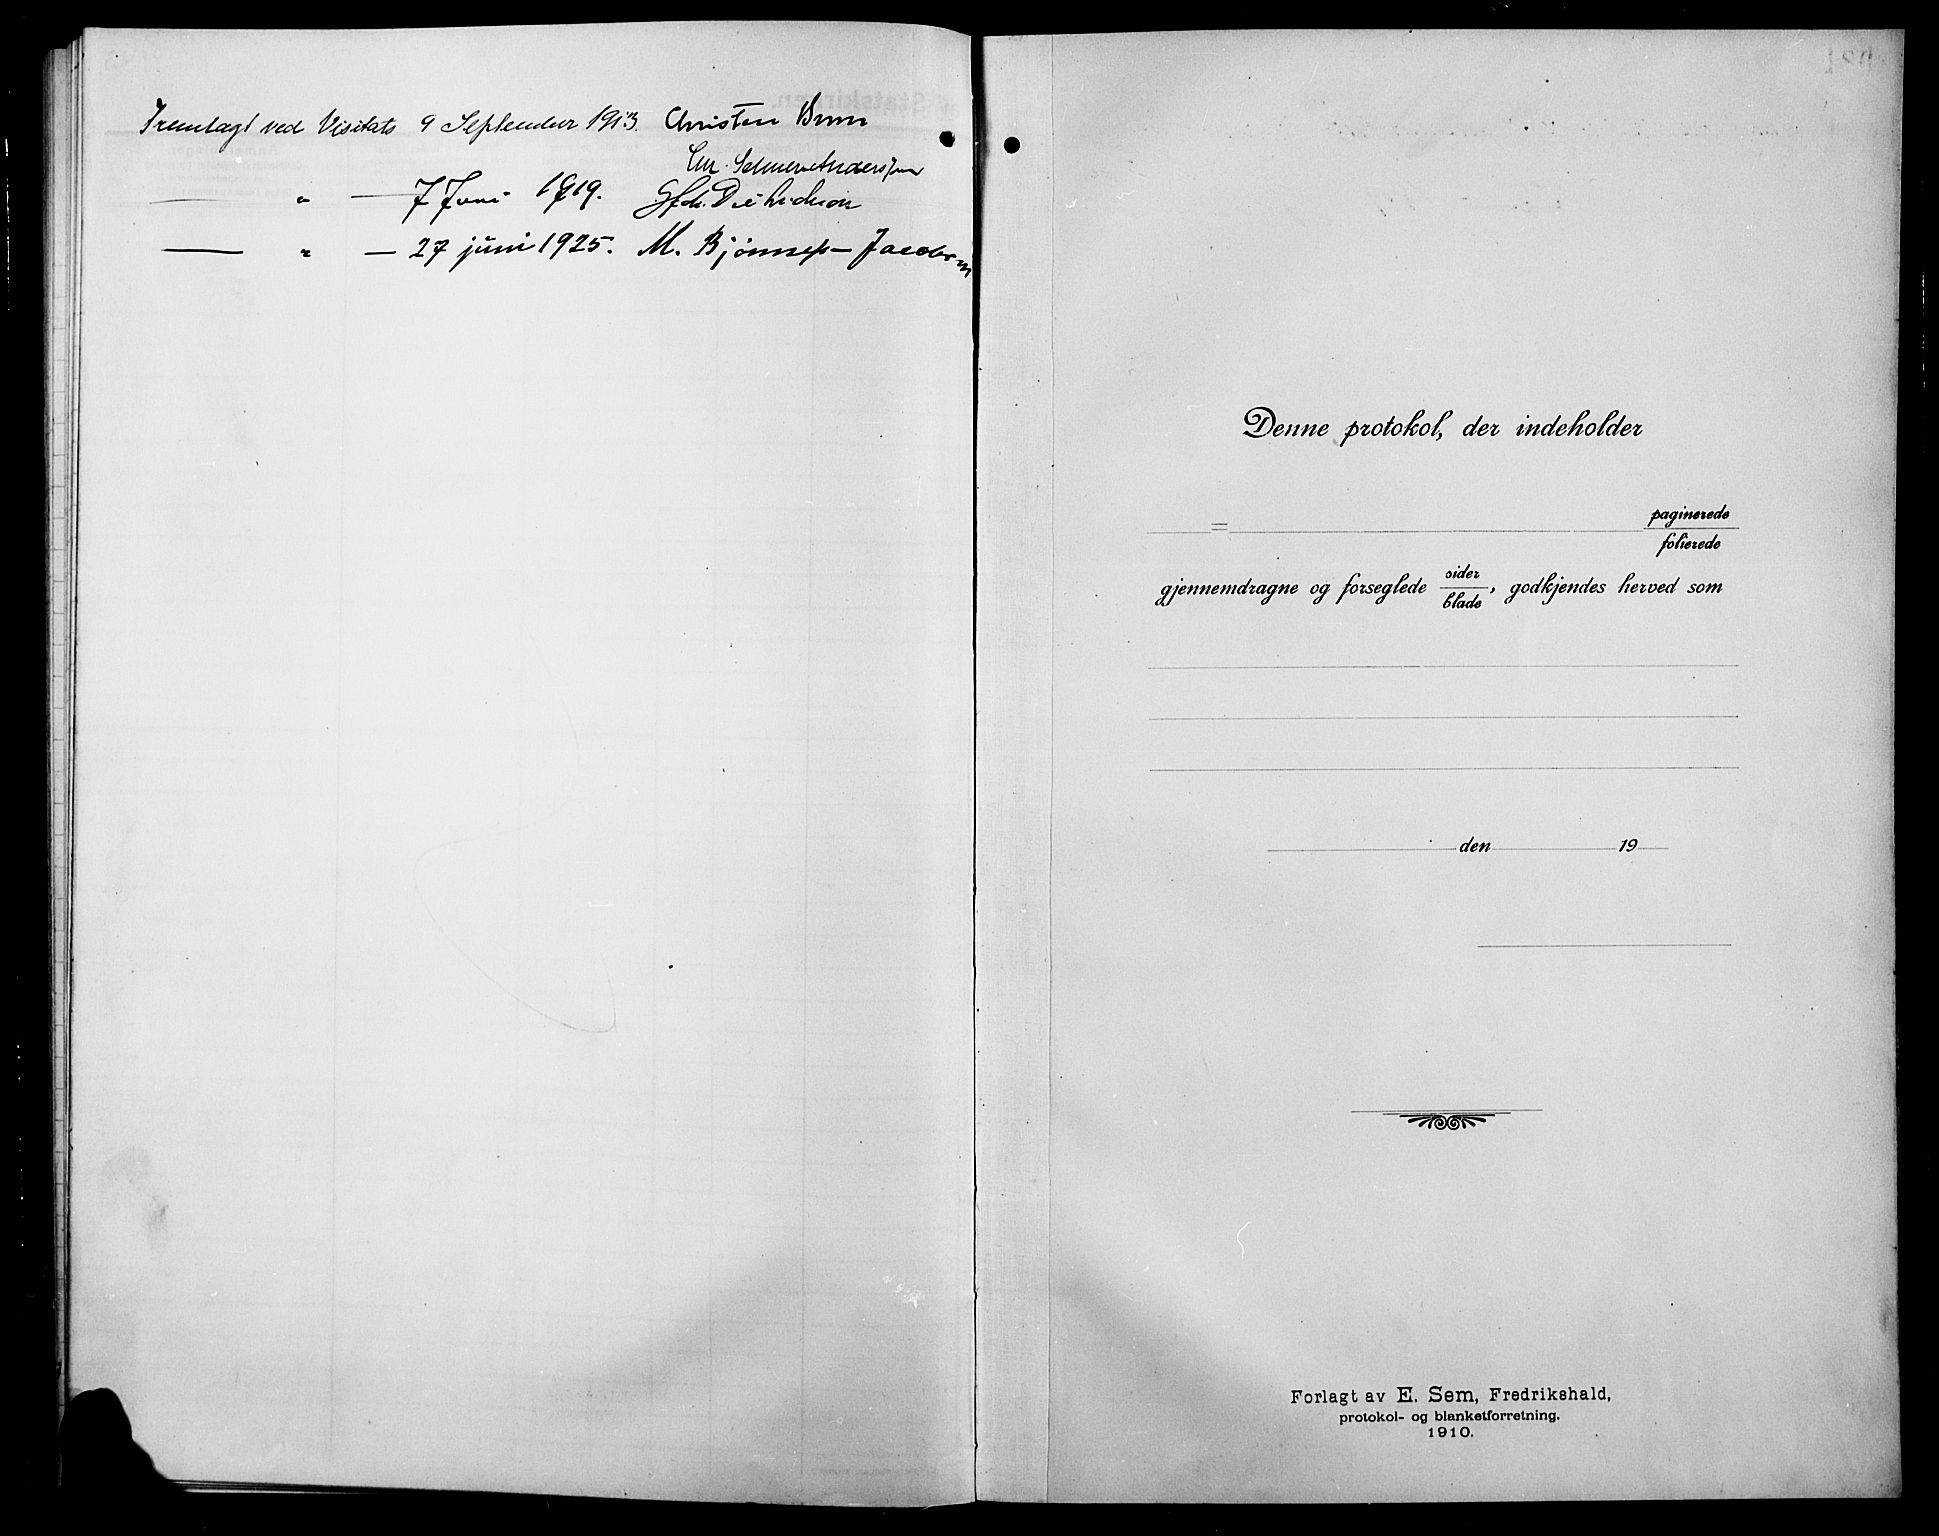 SAH, Søndre Land prestekontor, L/L0006: Klokkerbok nr. 6, 1912-1925